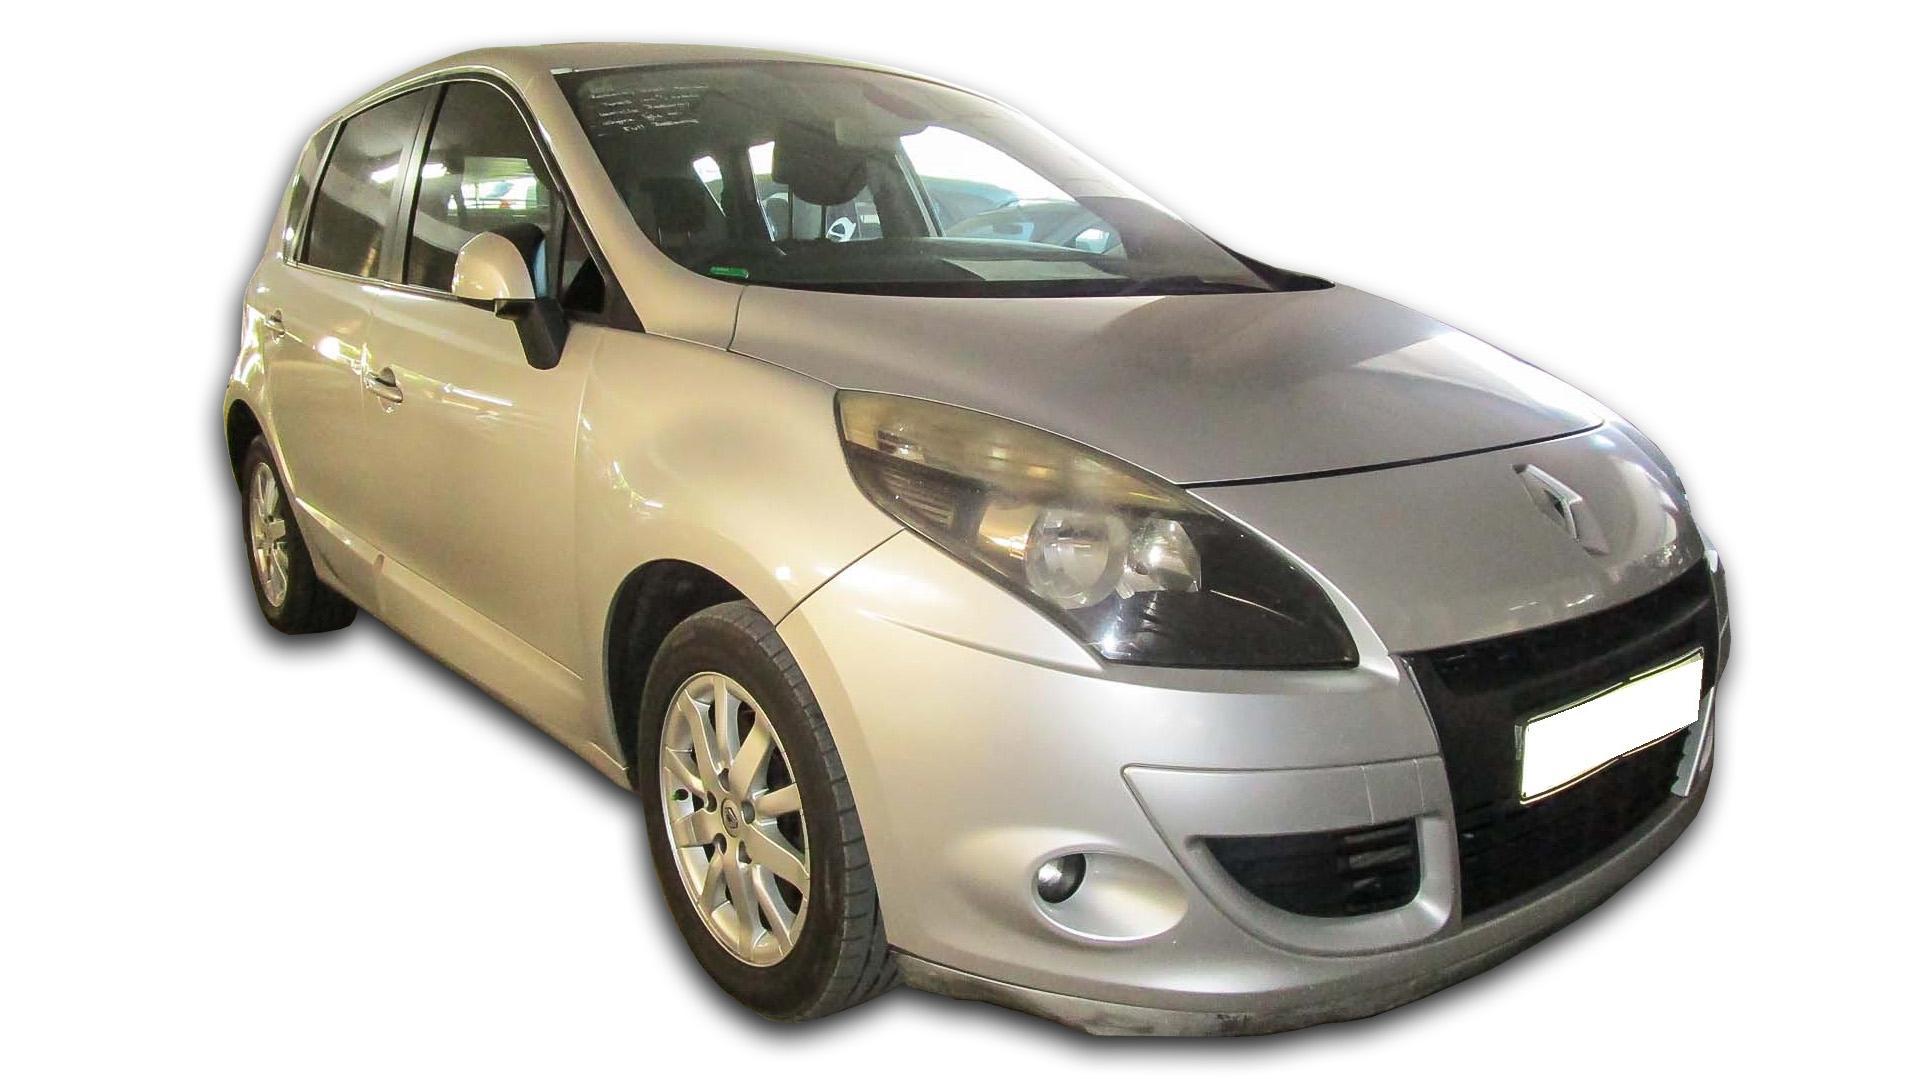 Renault Scenic Iii 1.9DCI D